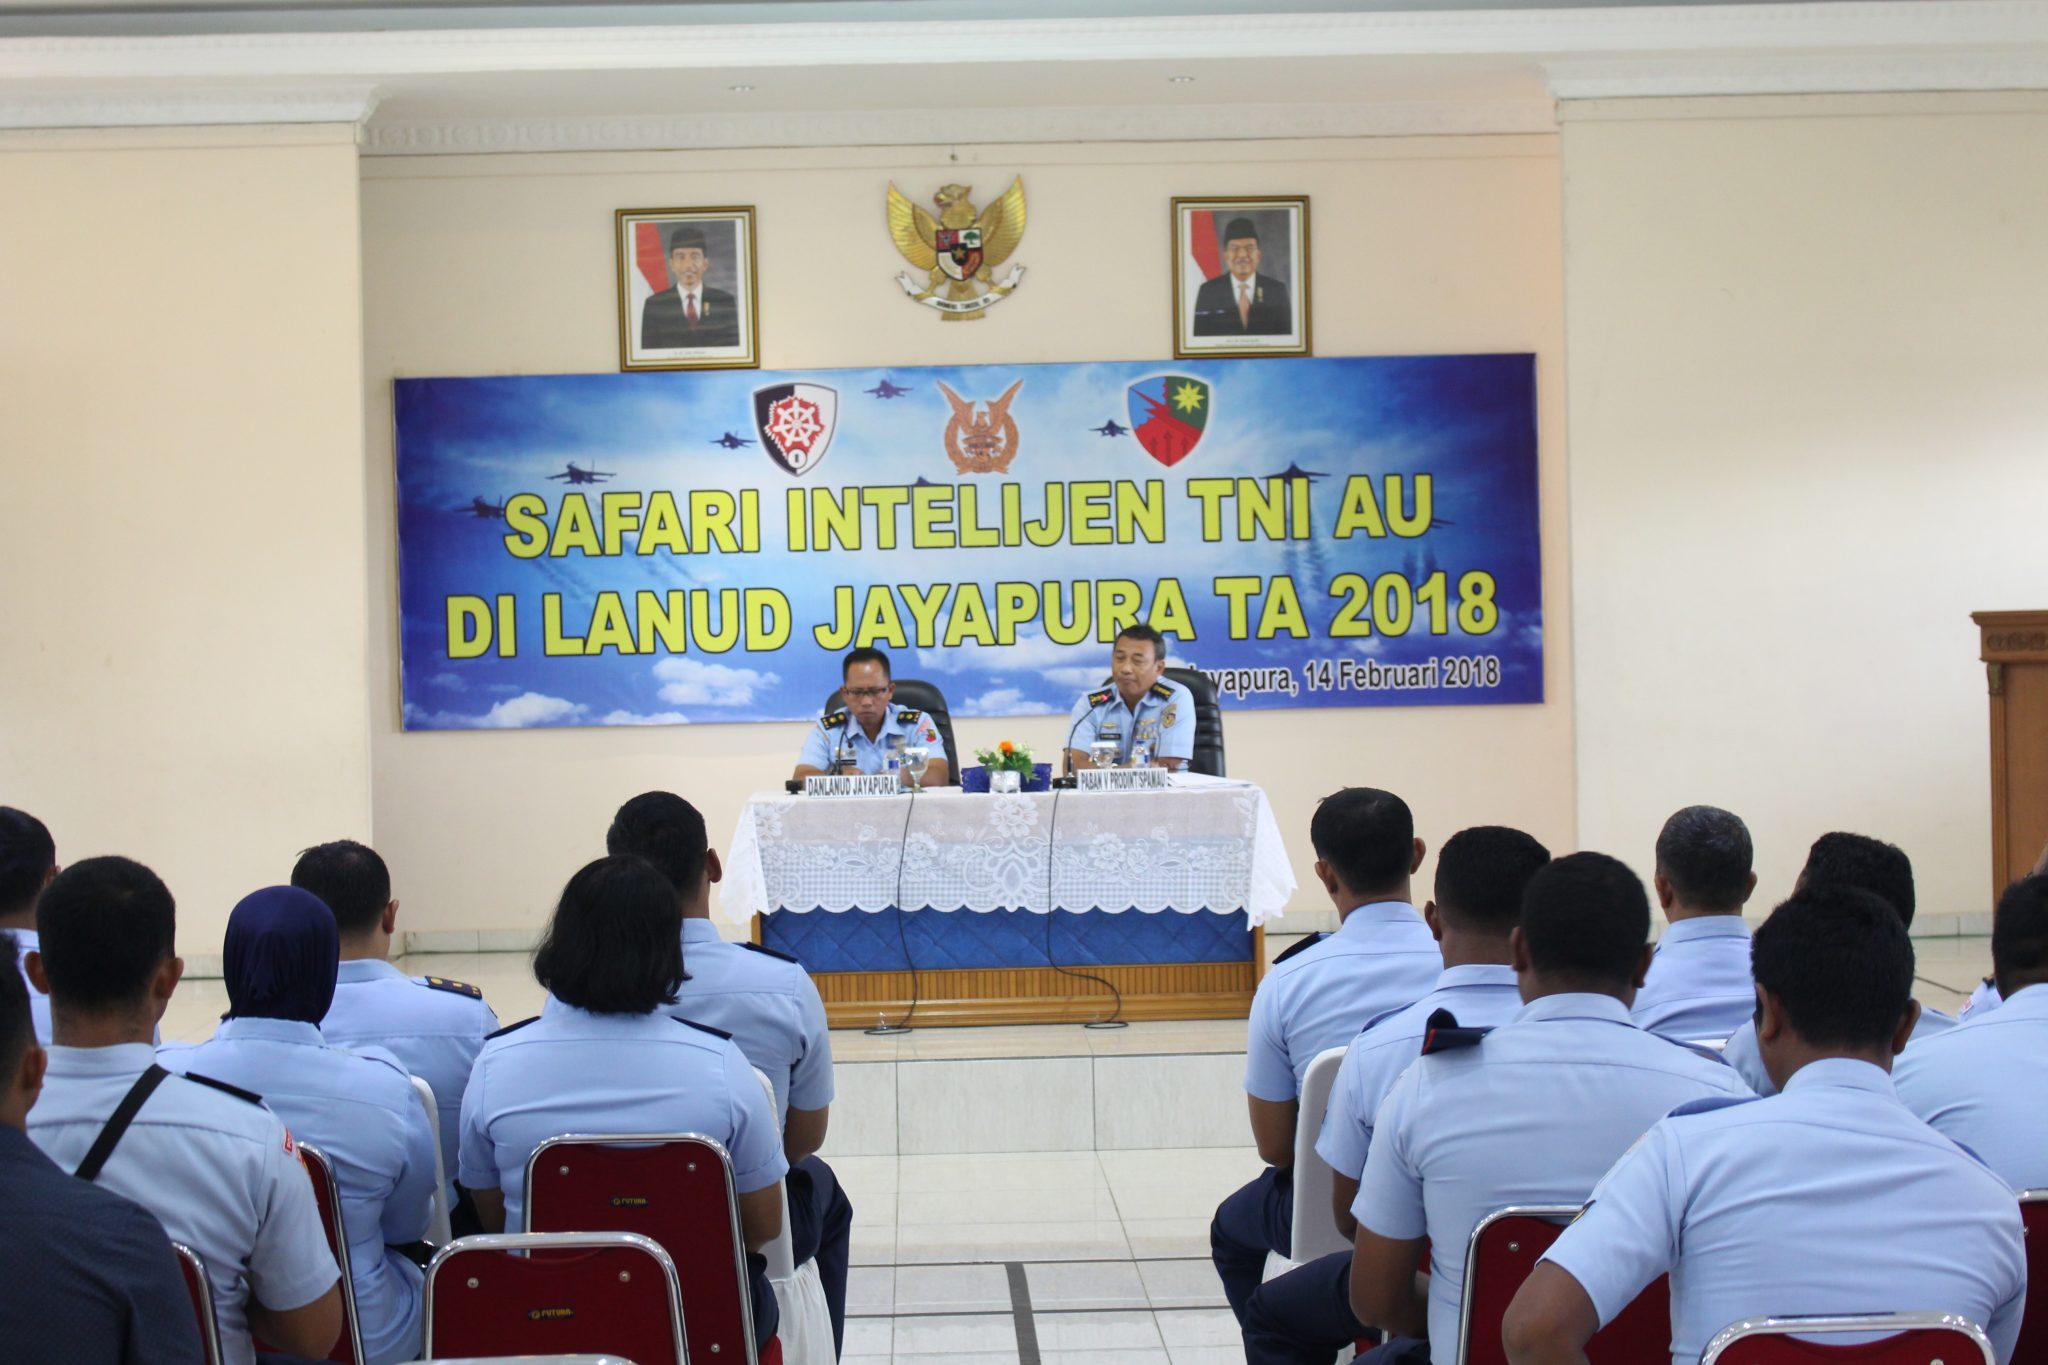 Safari Intelijen di Lanud Jayapura